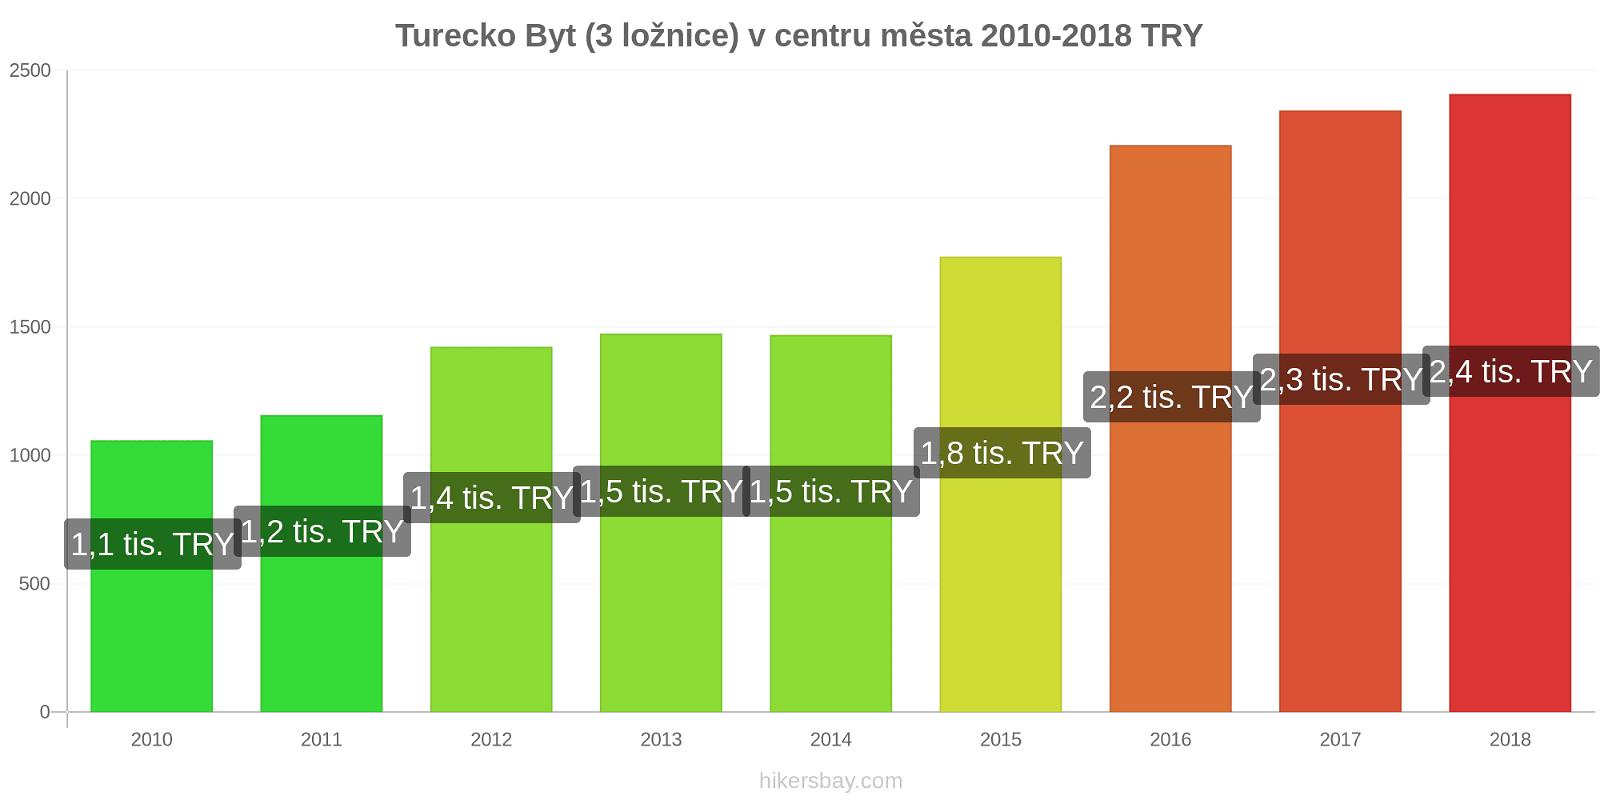 Turecko změny cen Byt (3 ložnice) v centru města hikersbay.com